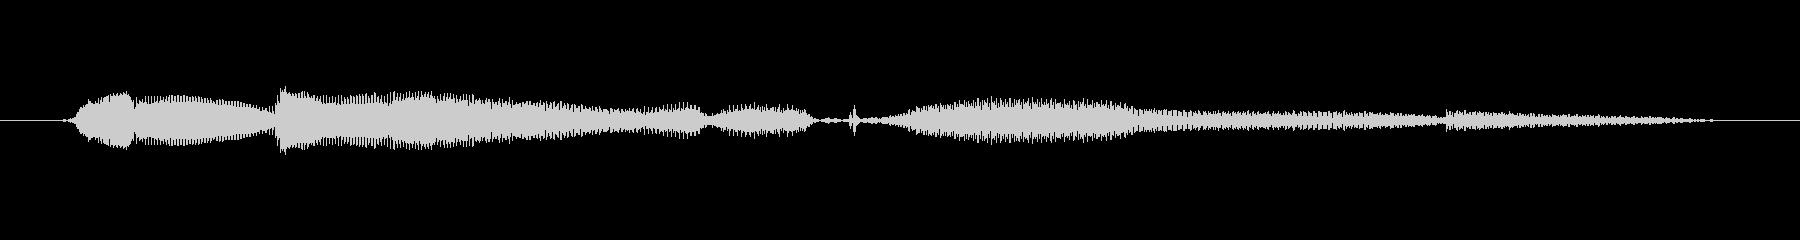 鳴き声 女性トークエルフィッシュ11の未再生の波形